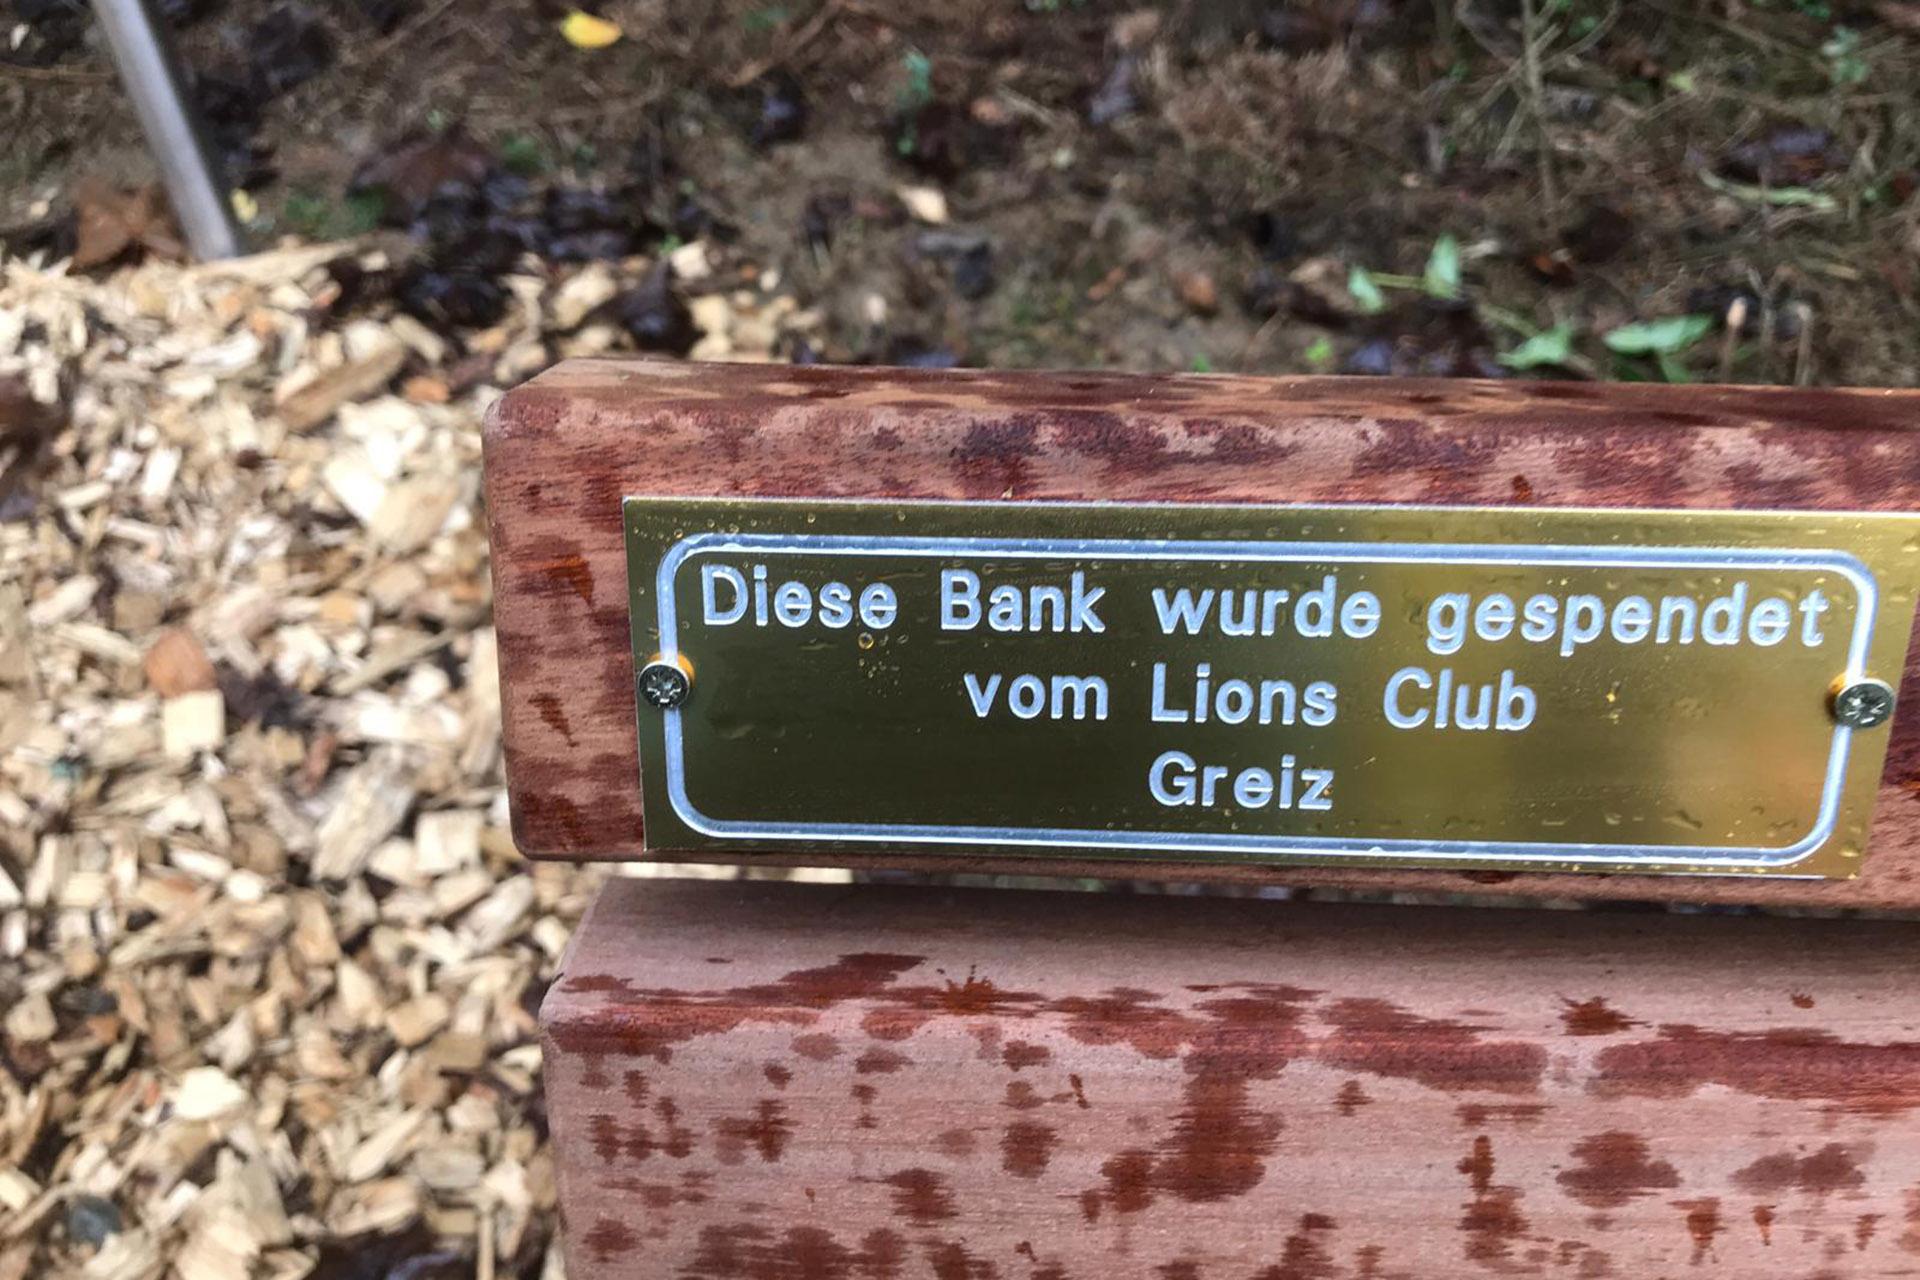 Eine Bank für den Promenadenweg in Zeulenroda spendete der Greizer Lions Club im Wert von 500 Euro. Er führt vom Bio Seehotel bis zum Strandbad und wird von Fußgängern und Radfahrern gern genutzt.